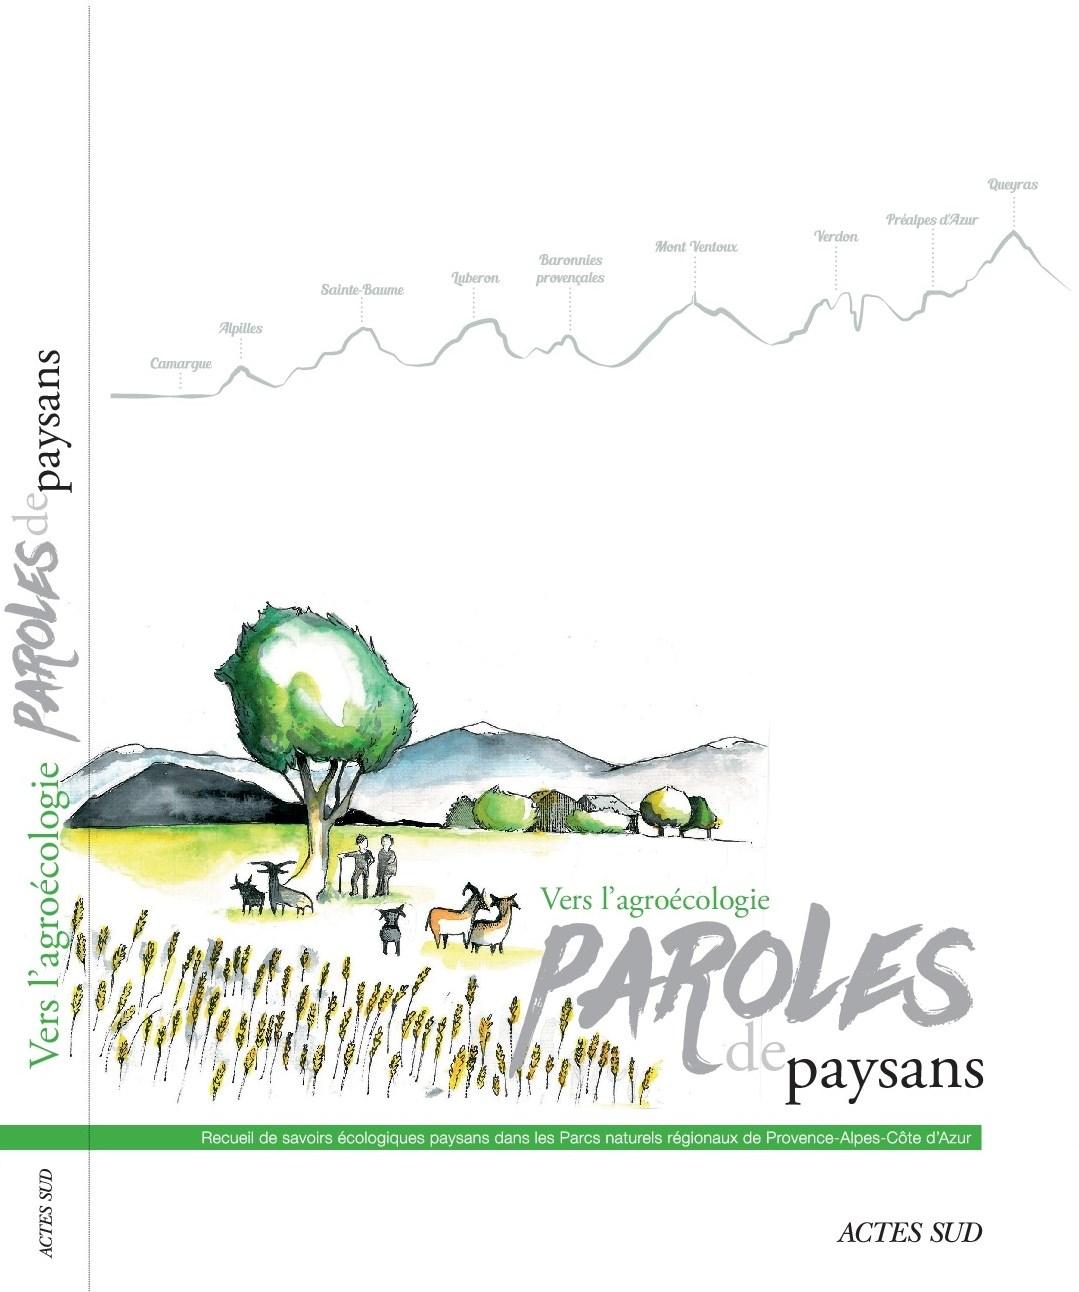 Actes-Sud_Vers_l'agroécologie_paroles_de_paysans_couverture